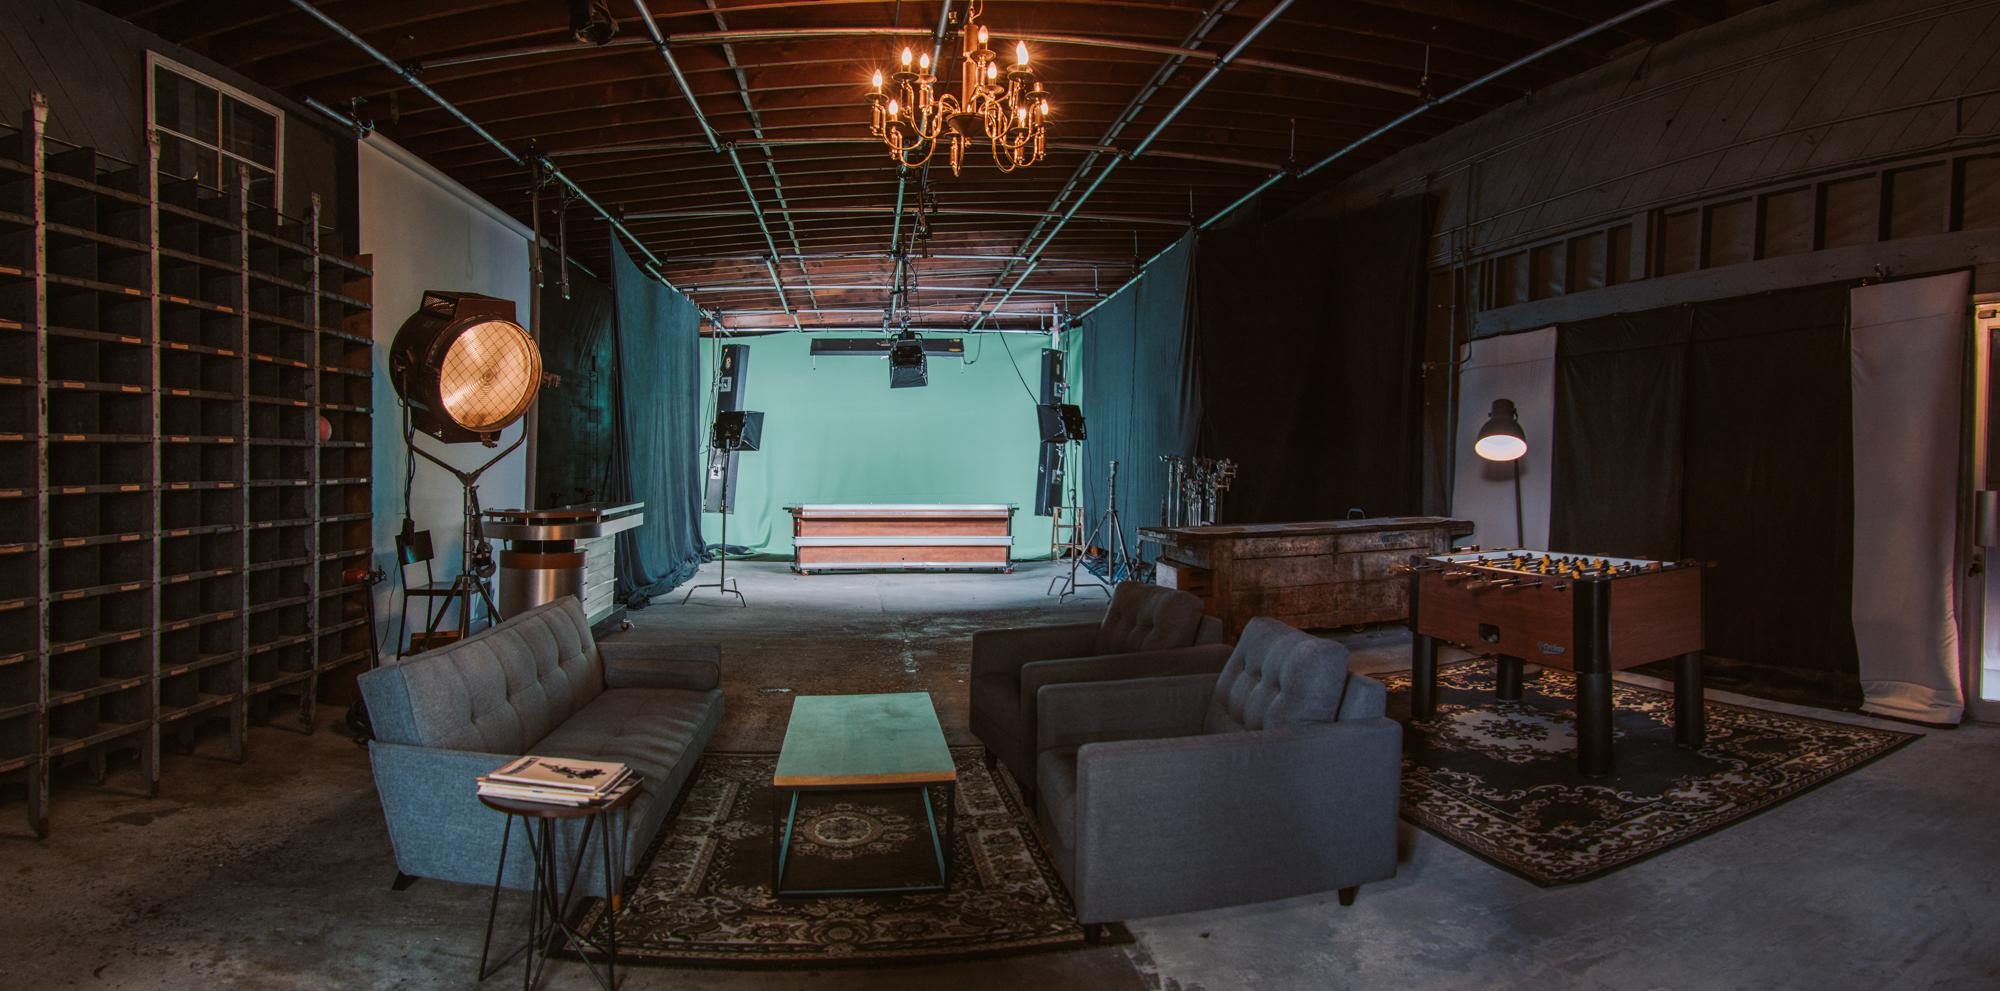 Main Studio - 2400 square feet (30ft x 80ft)14' ceilings, full-length lighting grid (13' to grid)